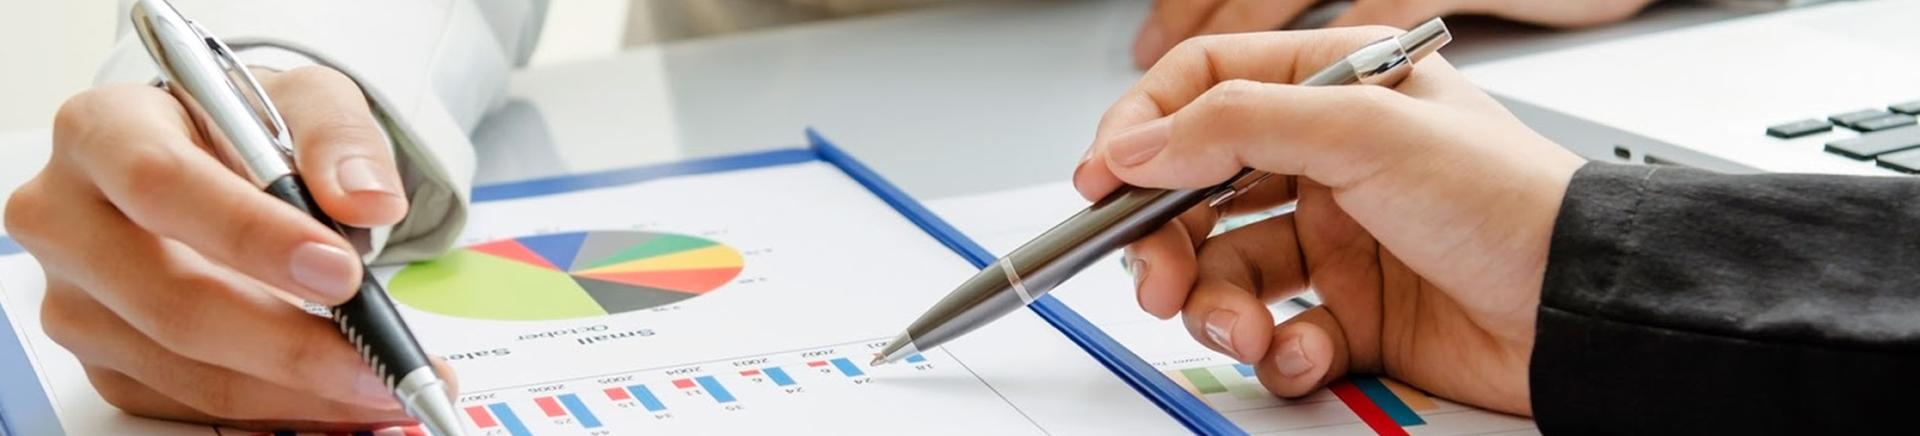 HLG:  Thông báo giao dịch cổ phiếu của Người nội bộ Đặng Hoàng Phương